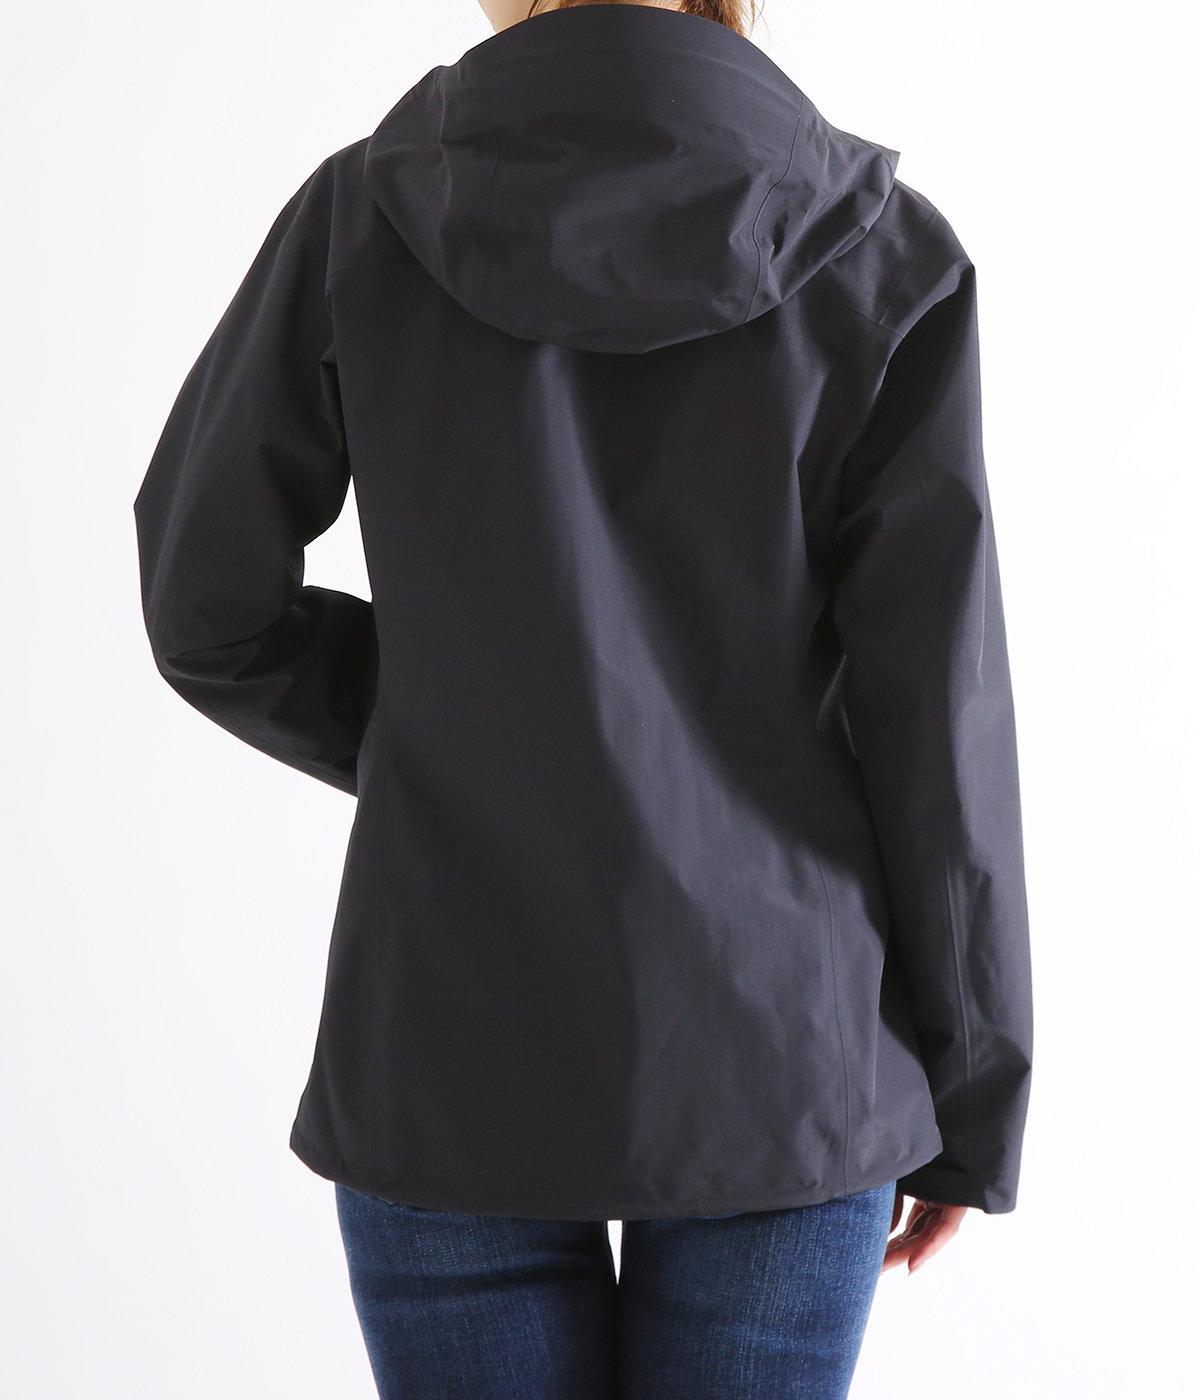 【レディース】Zeta SL Jacket Women's